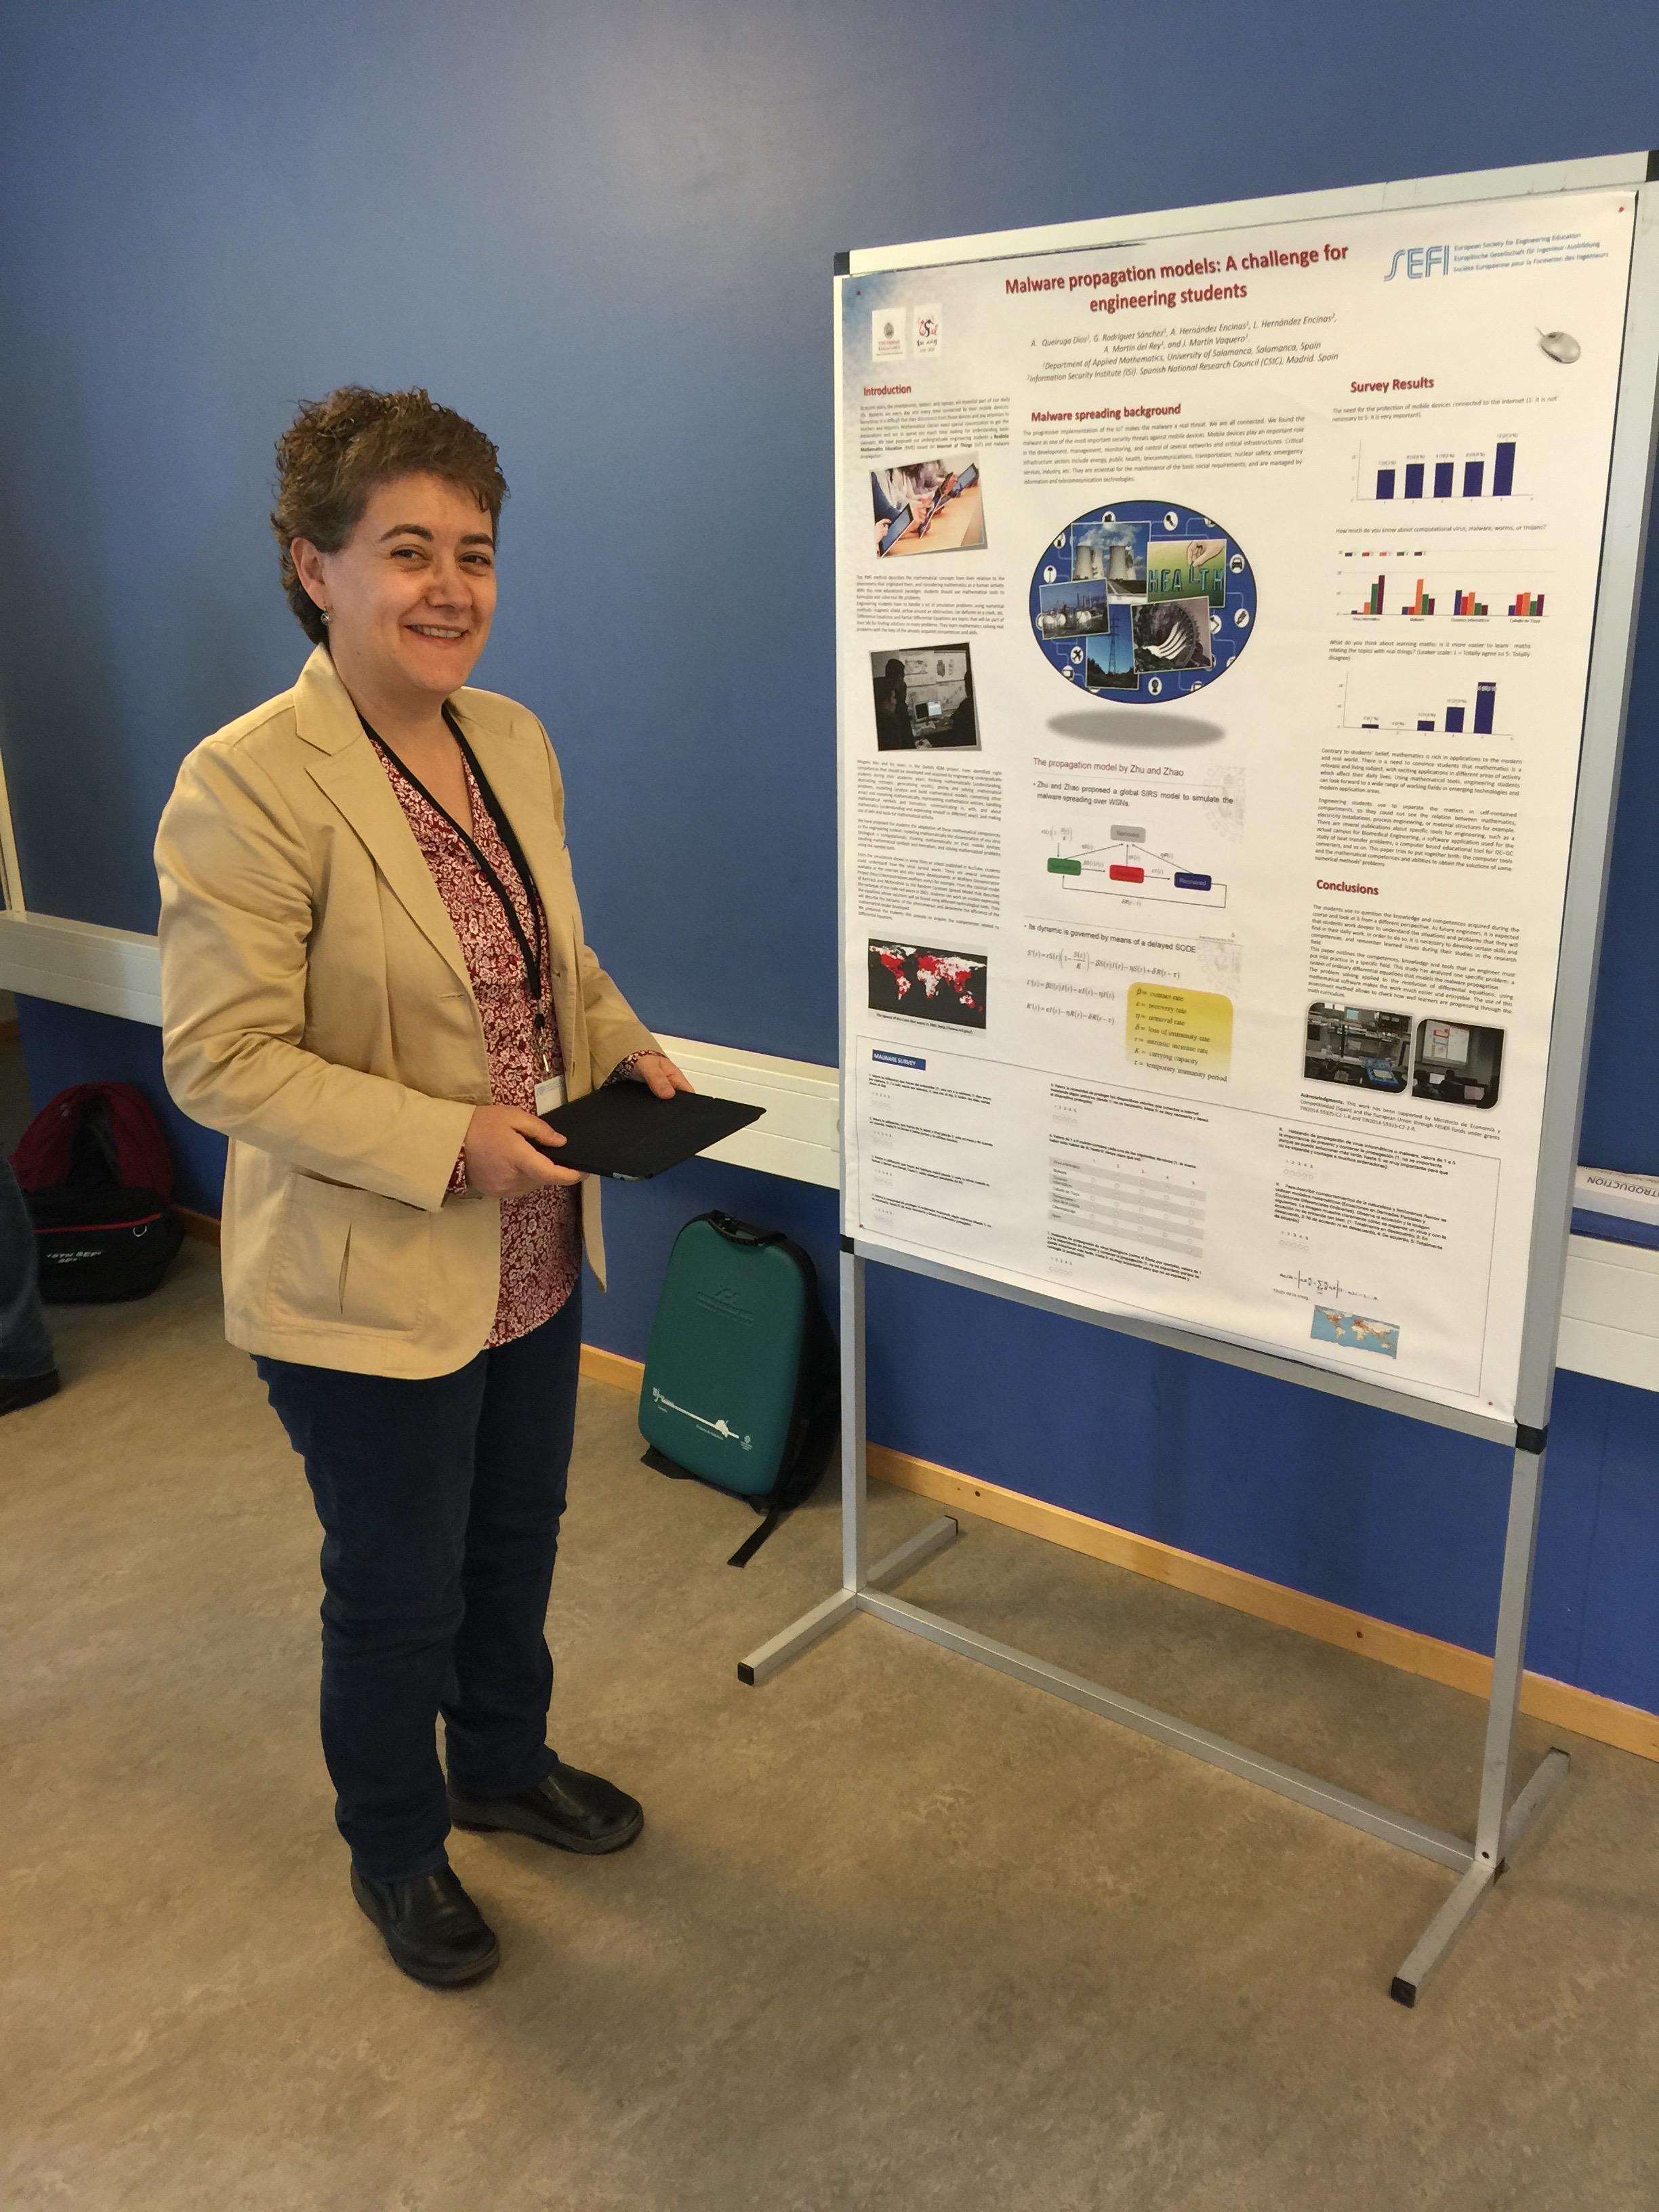 El proyecto de la Universidad de Salamanca RULES_MATHS para la evaluación de competencias matemáticas recibe 388.670 € del programa Erasmus+